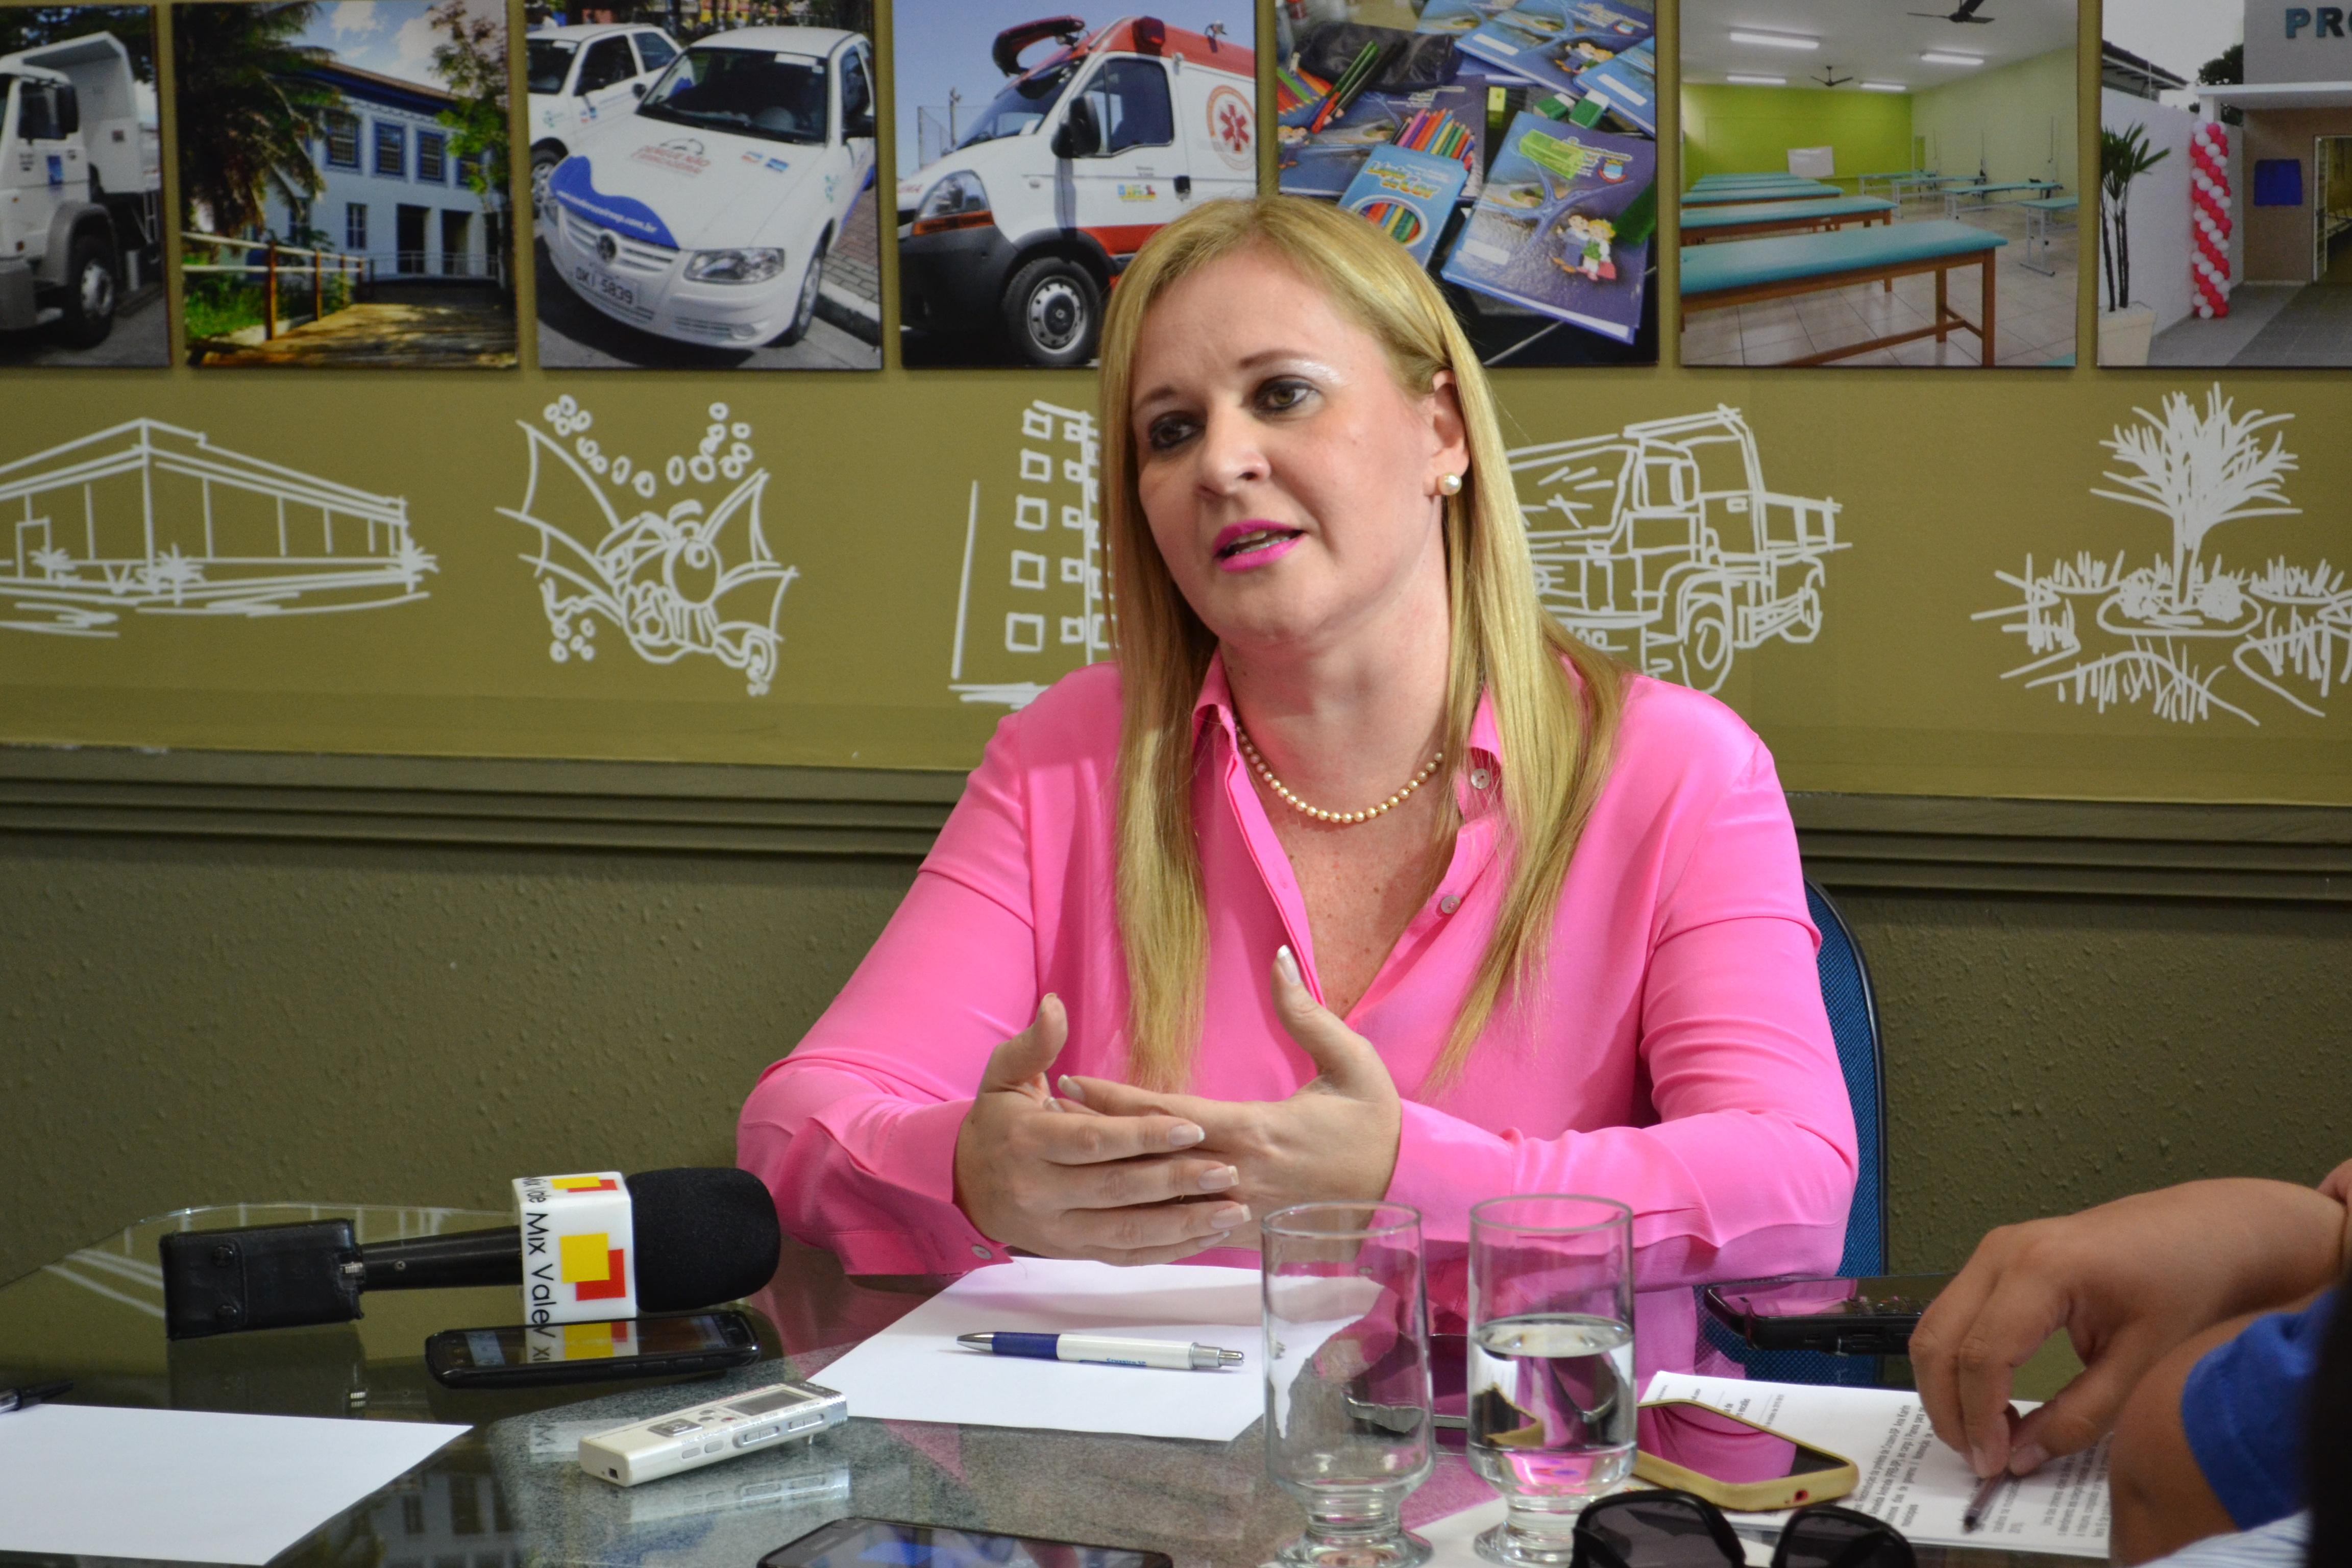 Ana Karin